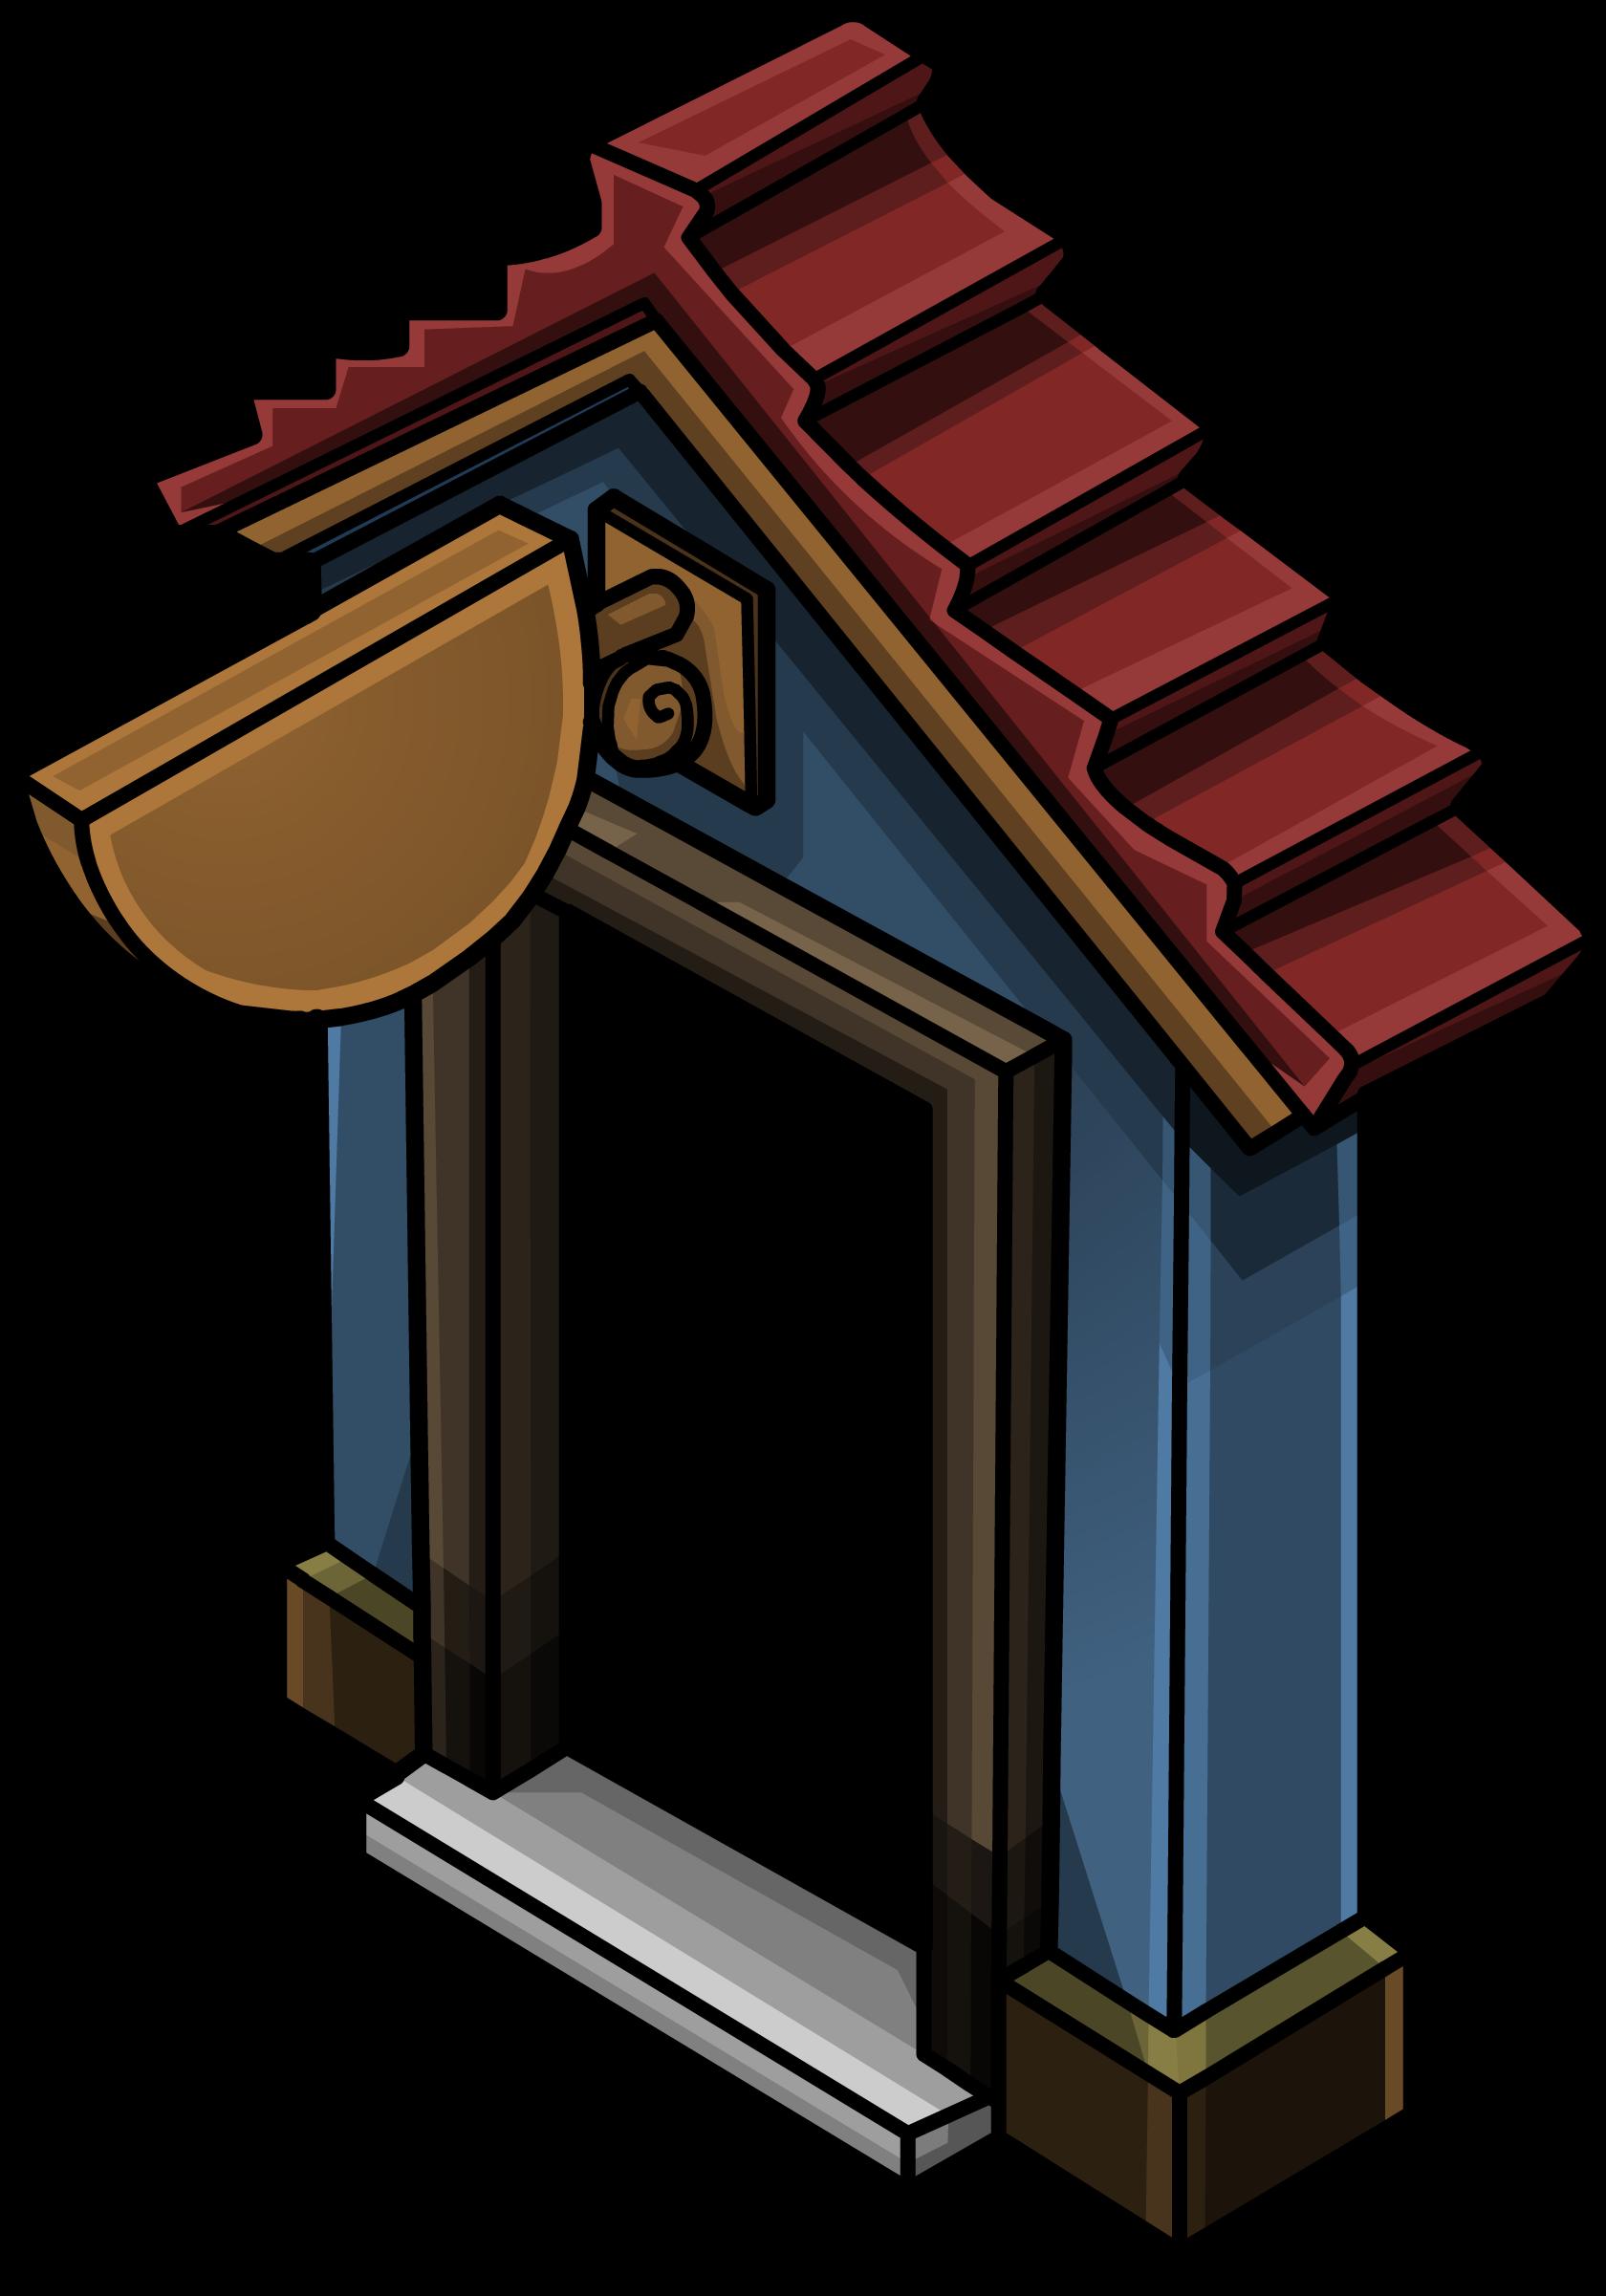 Cozy Blue Door sprite 002.png  sc 1 st  Club Penguin Wiki - Fandom & Image - Cozy Blue Door sprite 002.png | Club Penguin Wiki | FANDOM ...